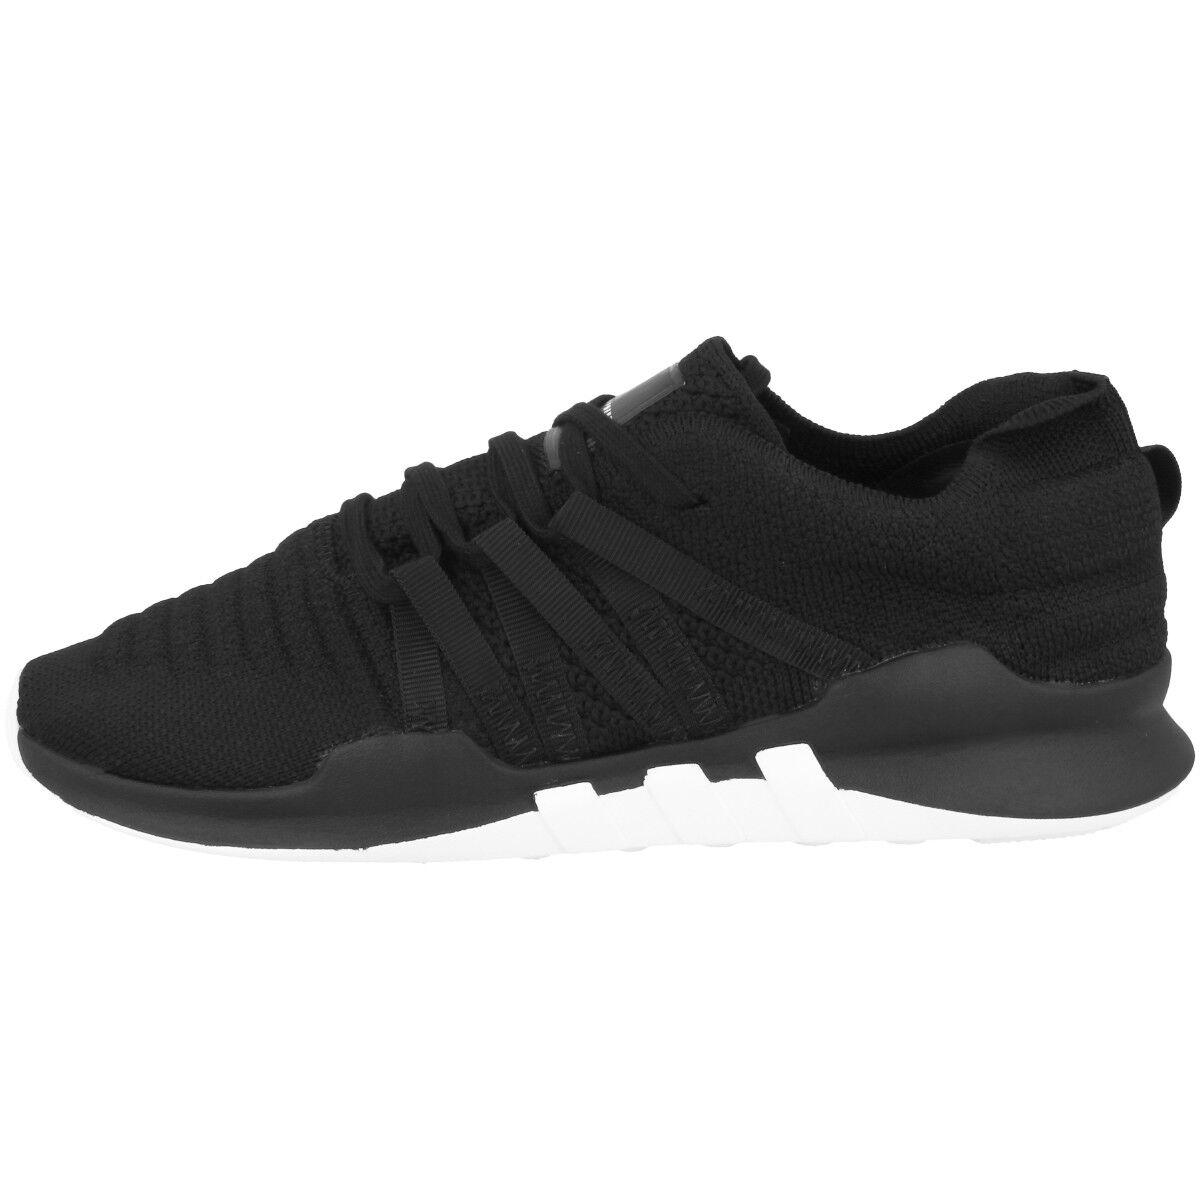 Adidas EQT RACING ADV PK Donna Scarpe Donna Tempo Libero Primeknit Sneaker cq2243